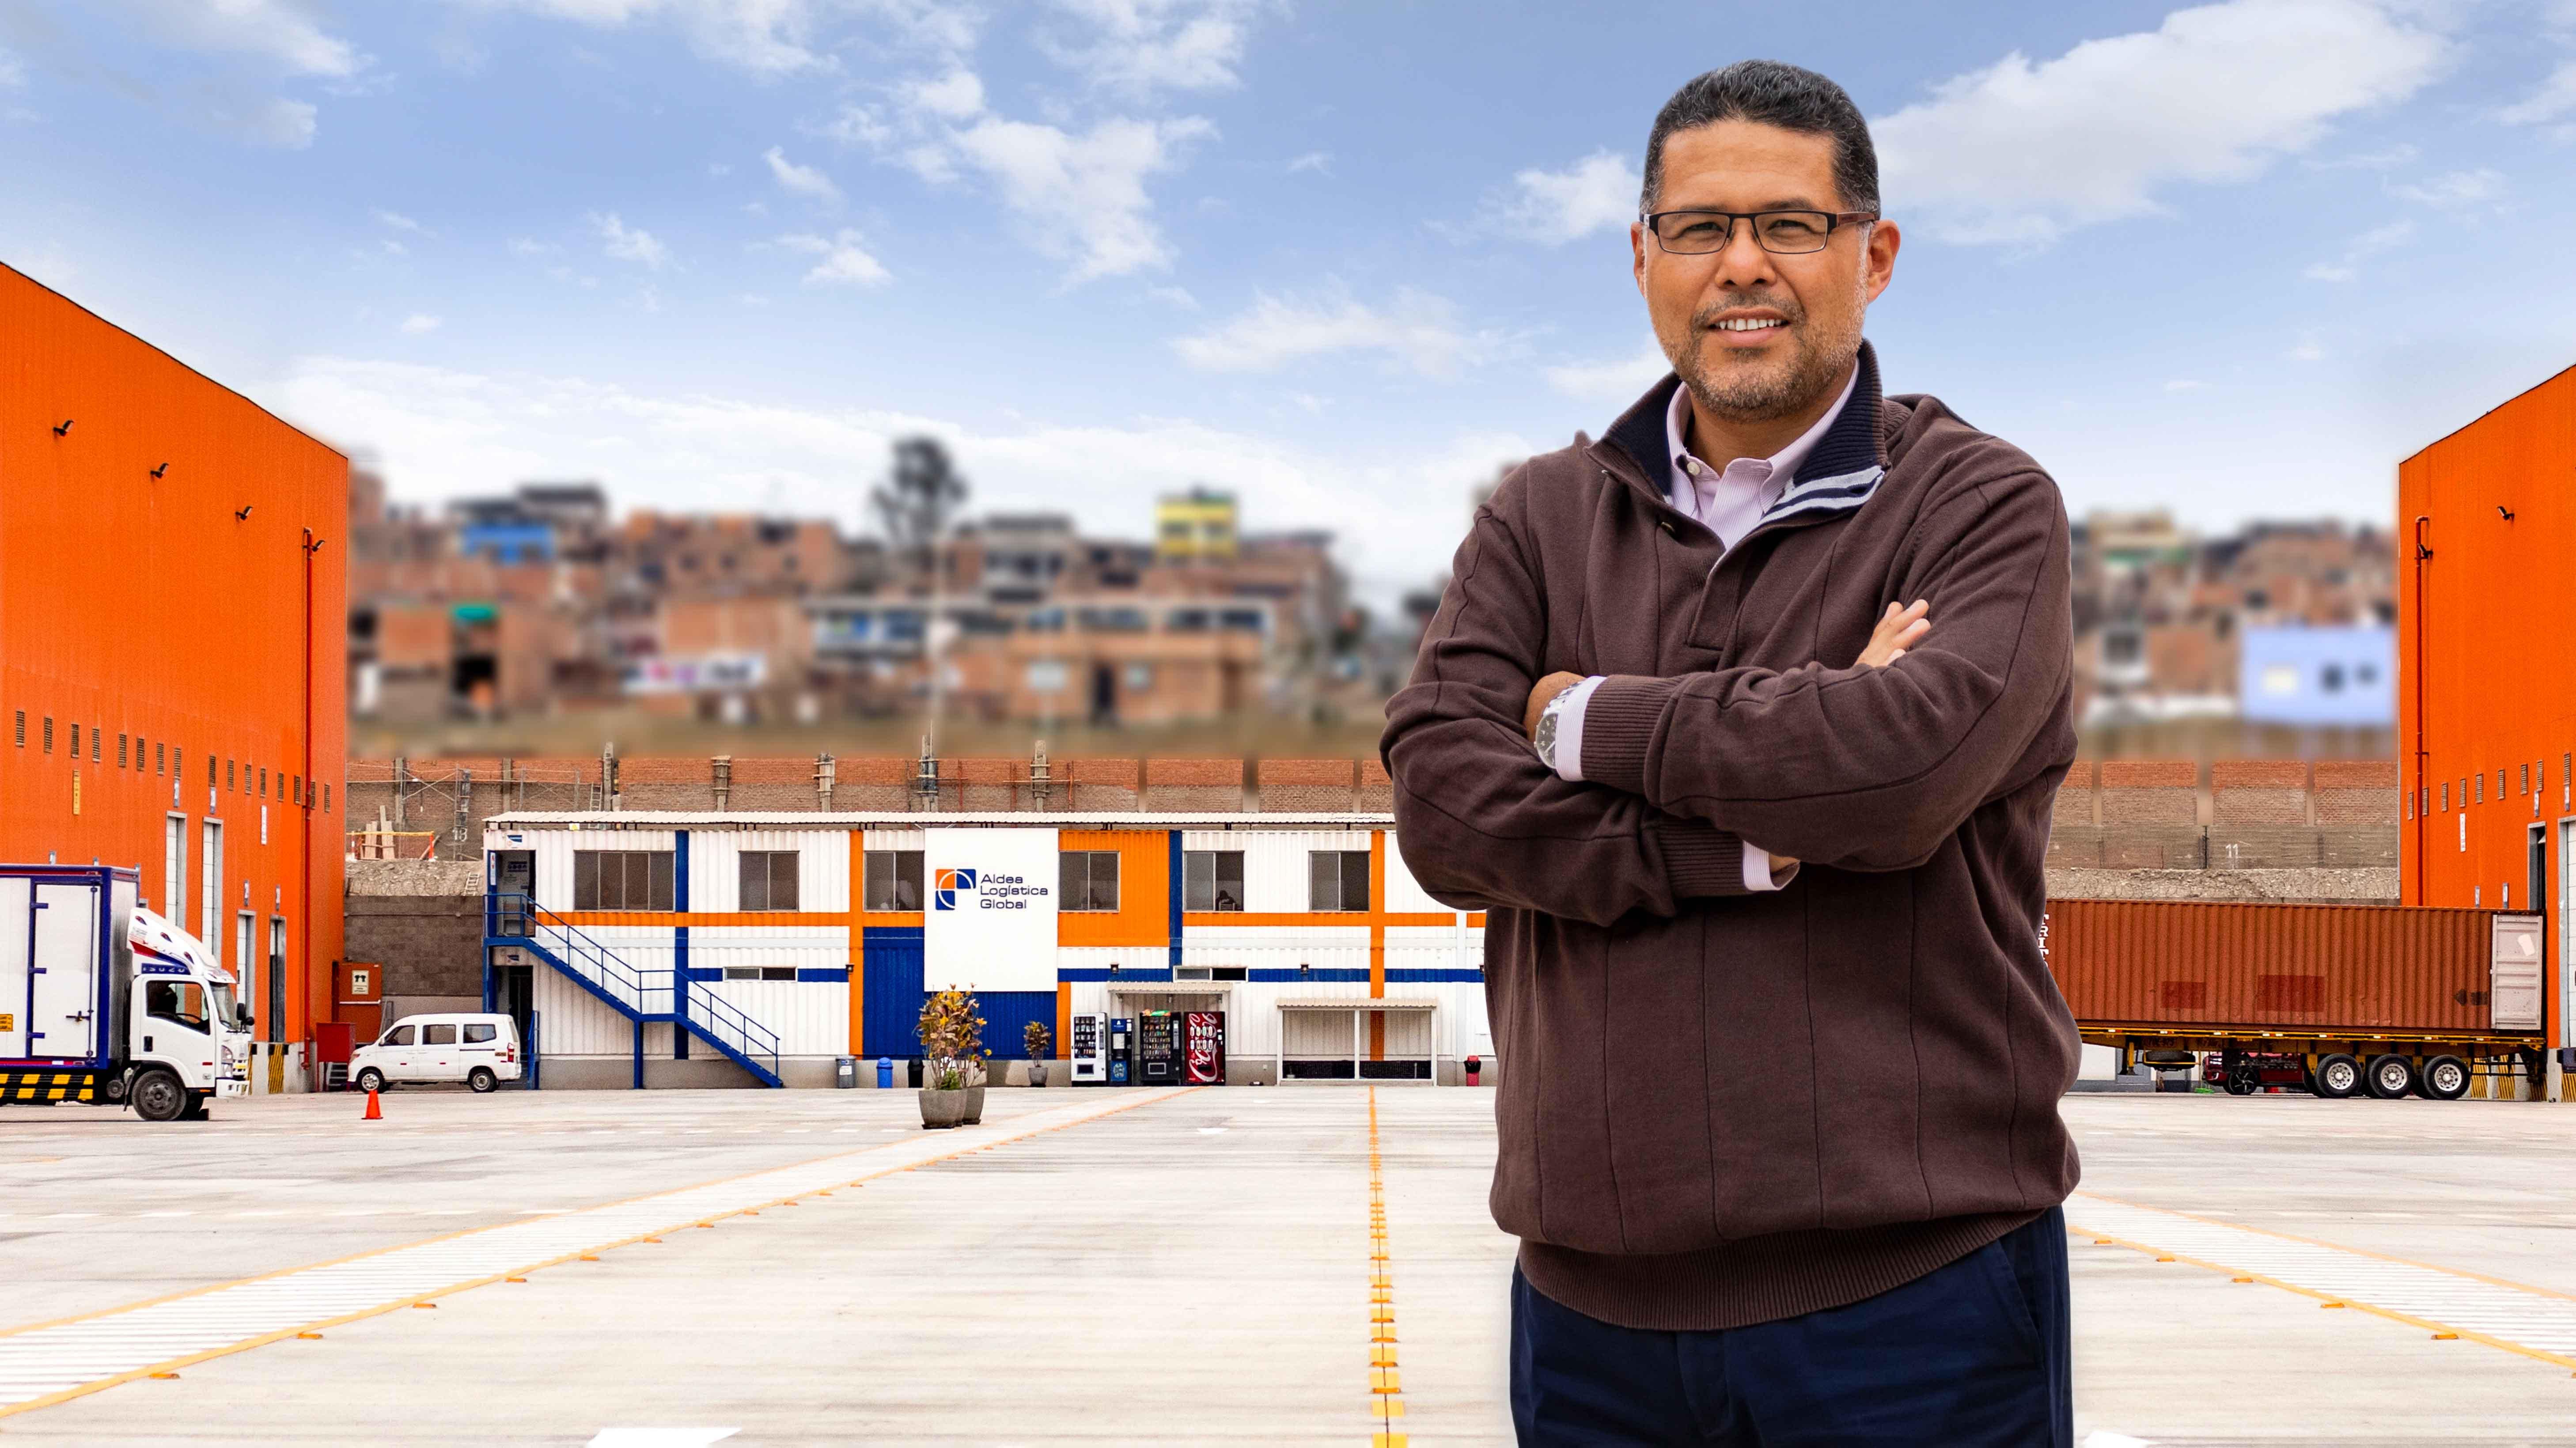 """Aldea Logística: """"Estamos planeando construir una octava 'aldea' en Villa El Salvador de más de 40,000 m2"""""""